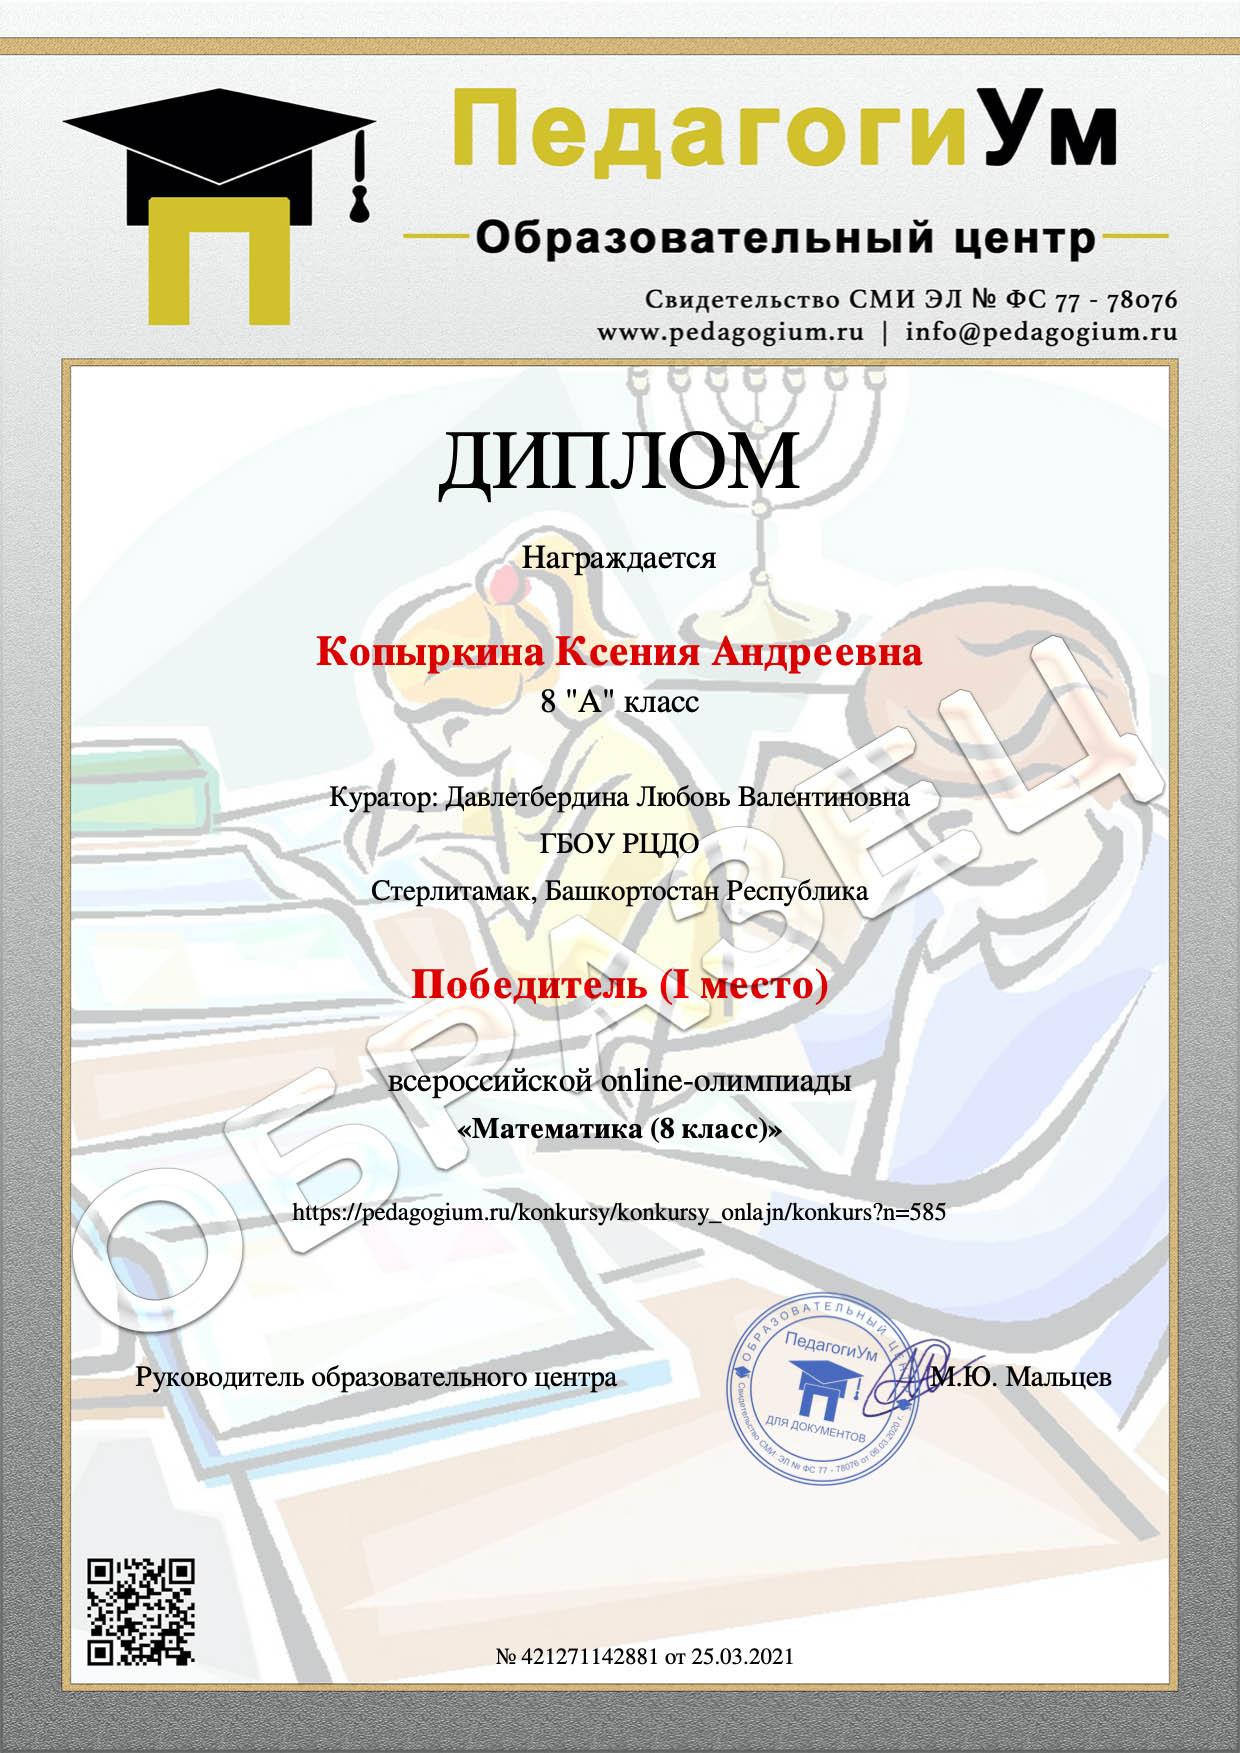 Образец документа воспитаннику-участнику Онлайн-конкурса центра ПедагогиУм.